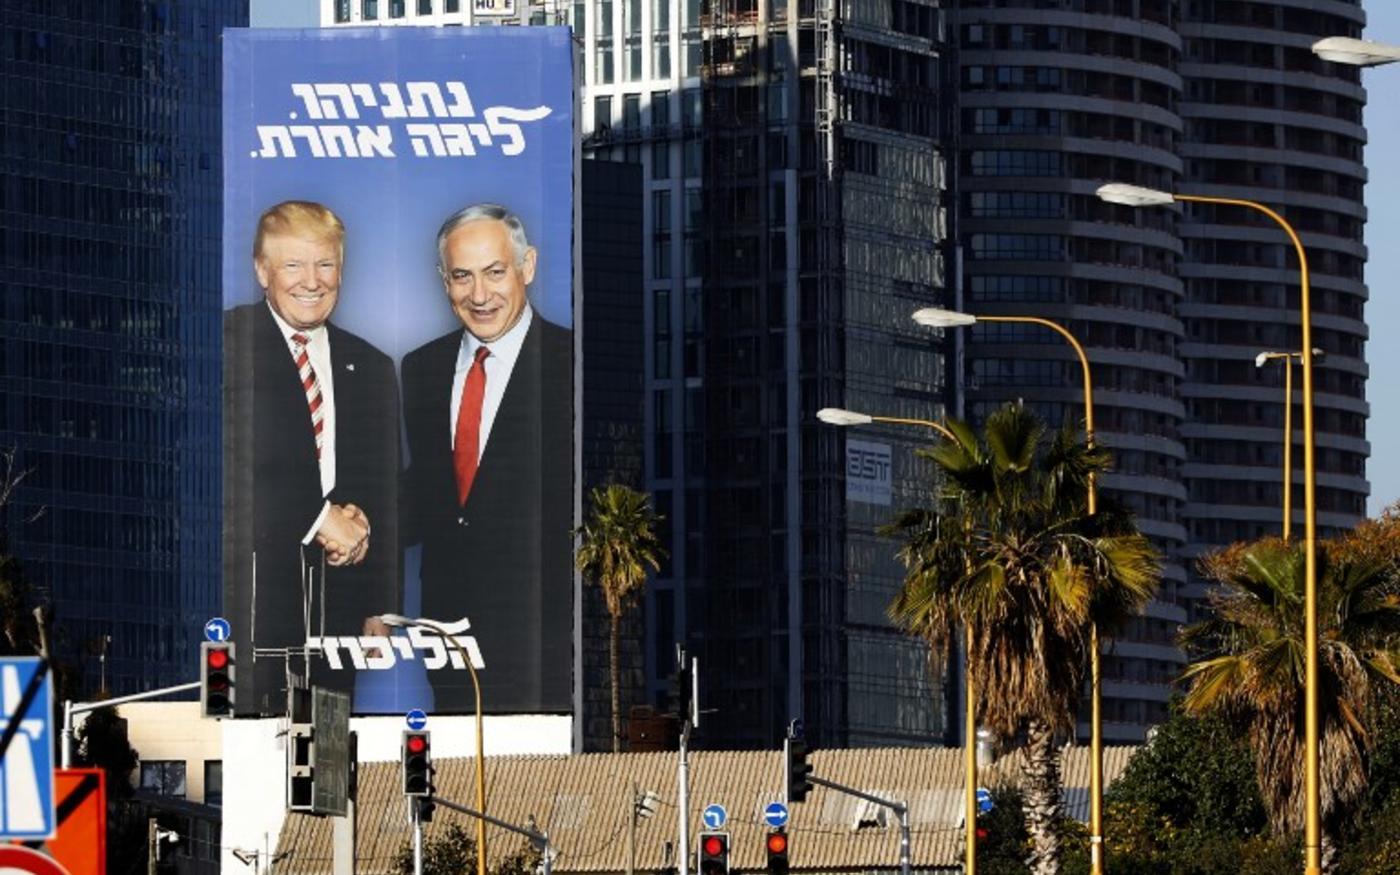 Un panneau électoral montre le Premier ministre israélien Benyamin Netanyahou serrant la main du président américain Donald Trump, à Tel Aviv, le 3février (AFP)